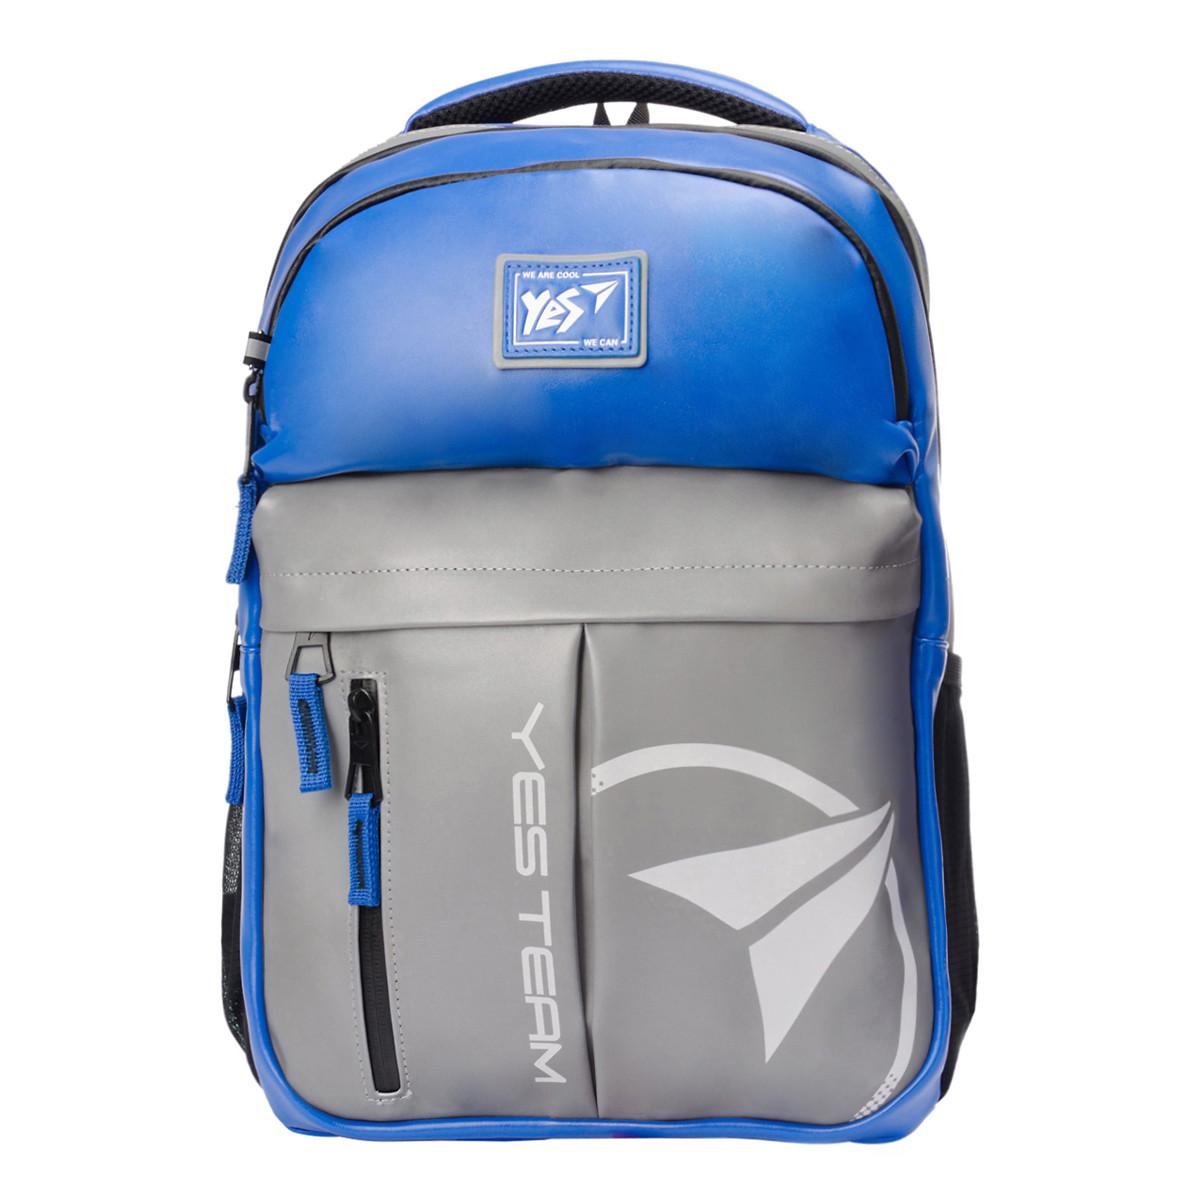 Рюкзак светоотражающий городской Yes T-32 Citypack ULTRA синий/серый код:558412